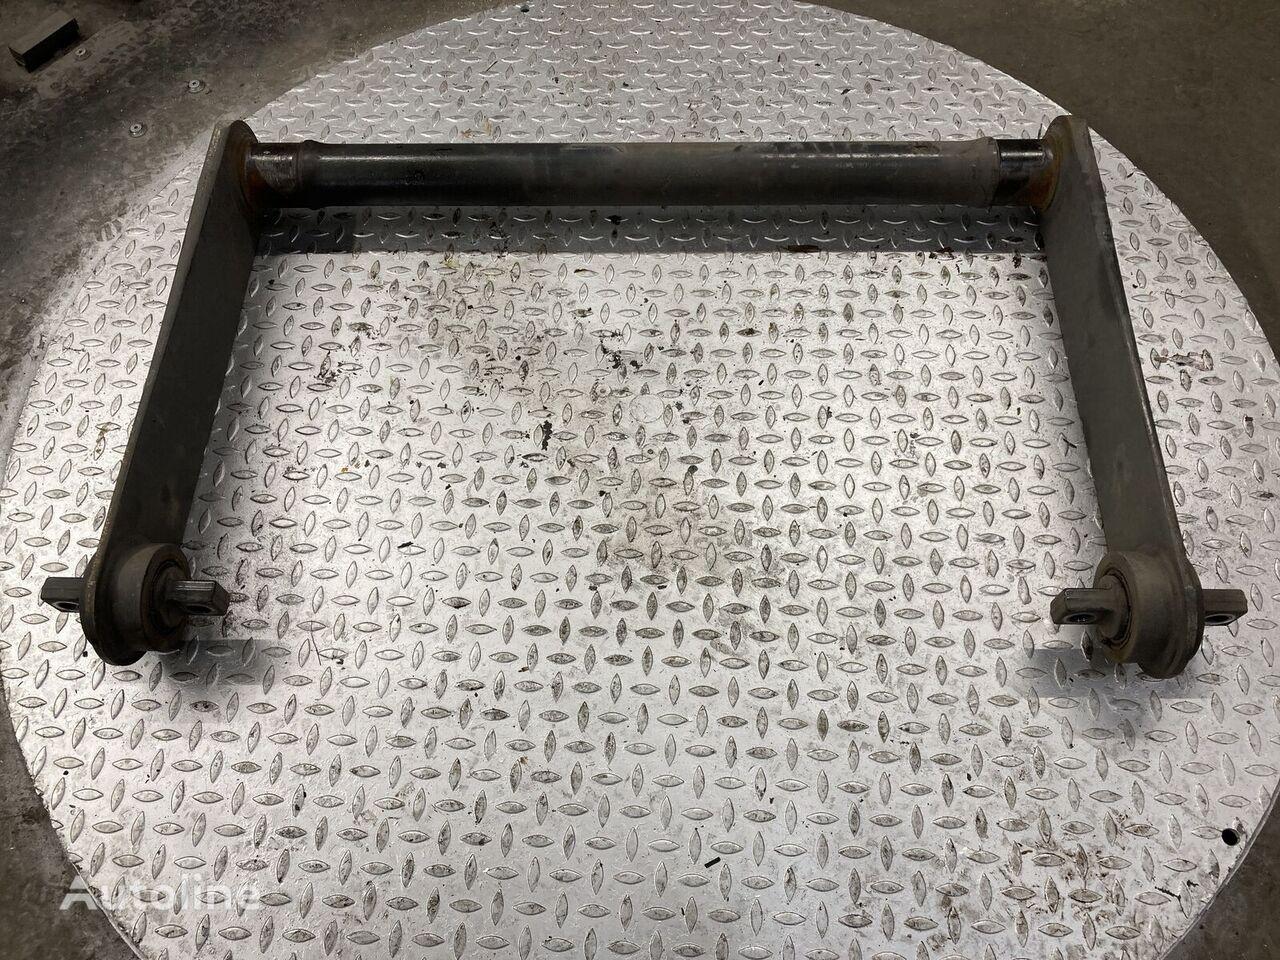 Torsiestaaf achteras MERCEDES-BENZ spare parts for MERCEDES-BENZ Torsiestaaf achteras truck